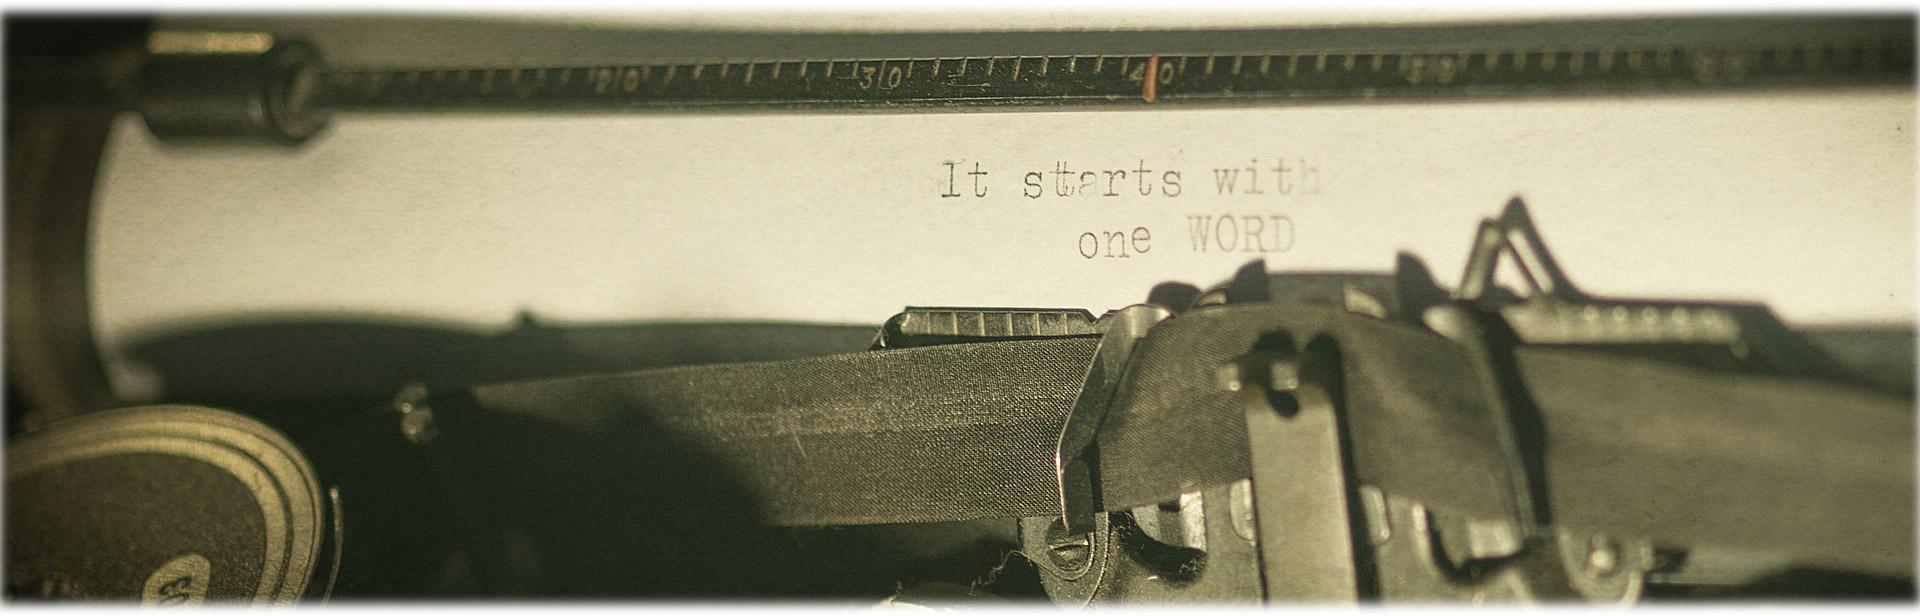 Alle guten Ideen beginnen mit nur einem Wort